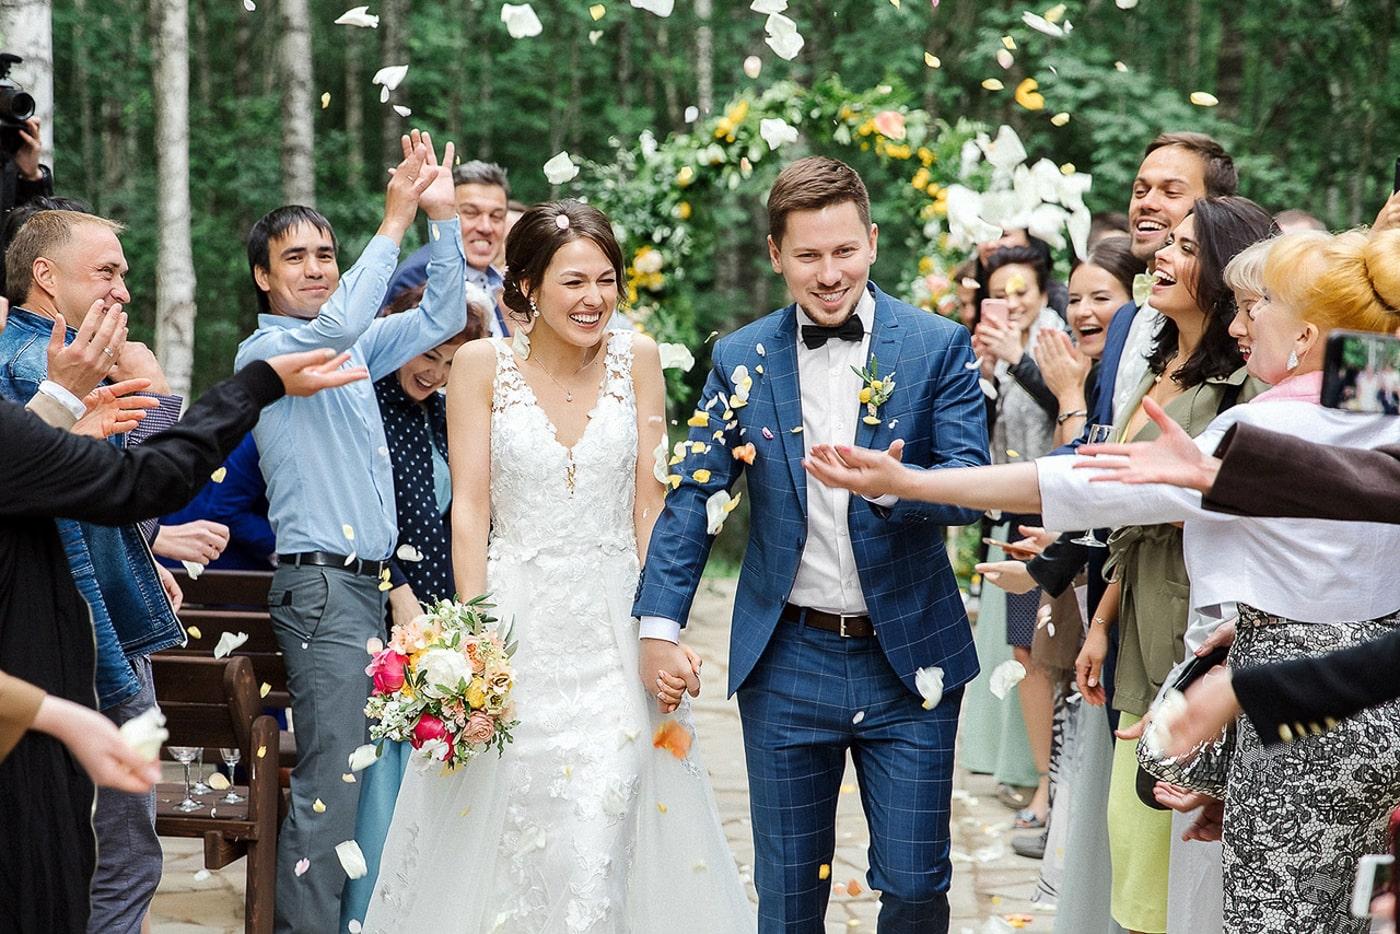 kak-organizovat-svadbu-11-19-min